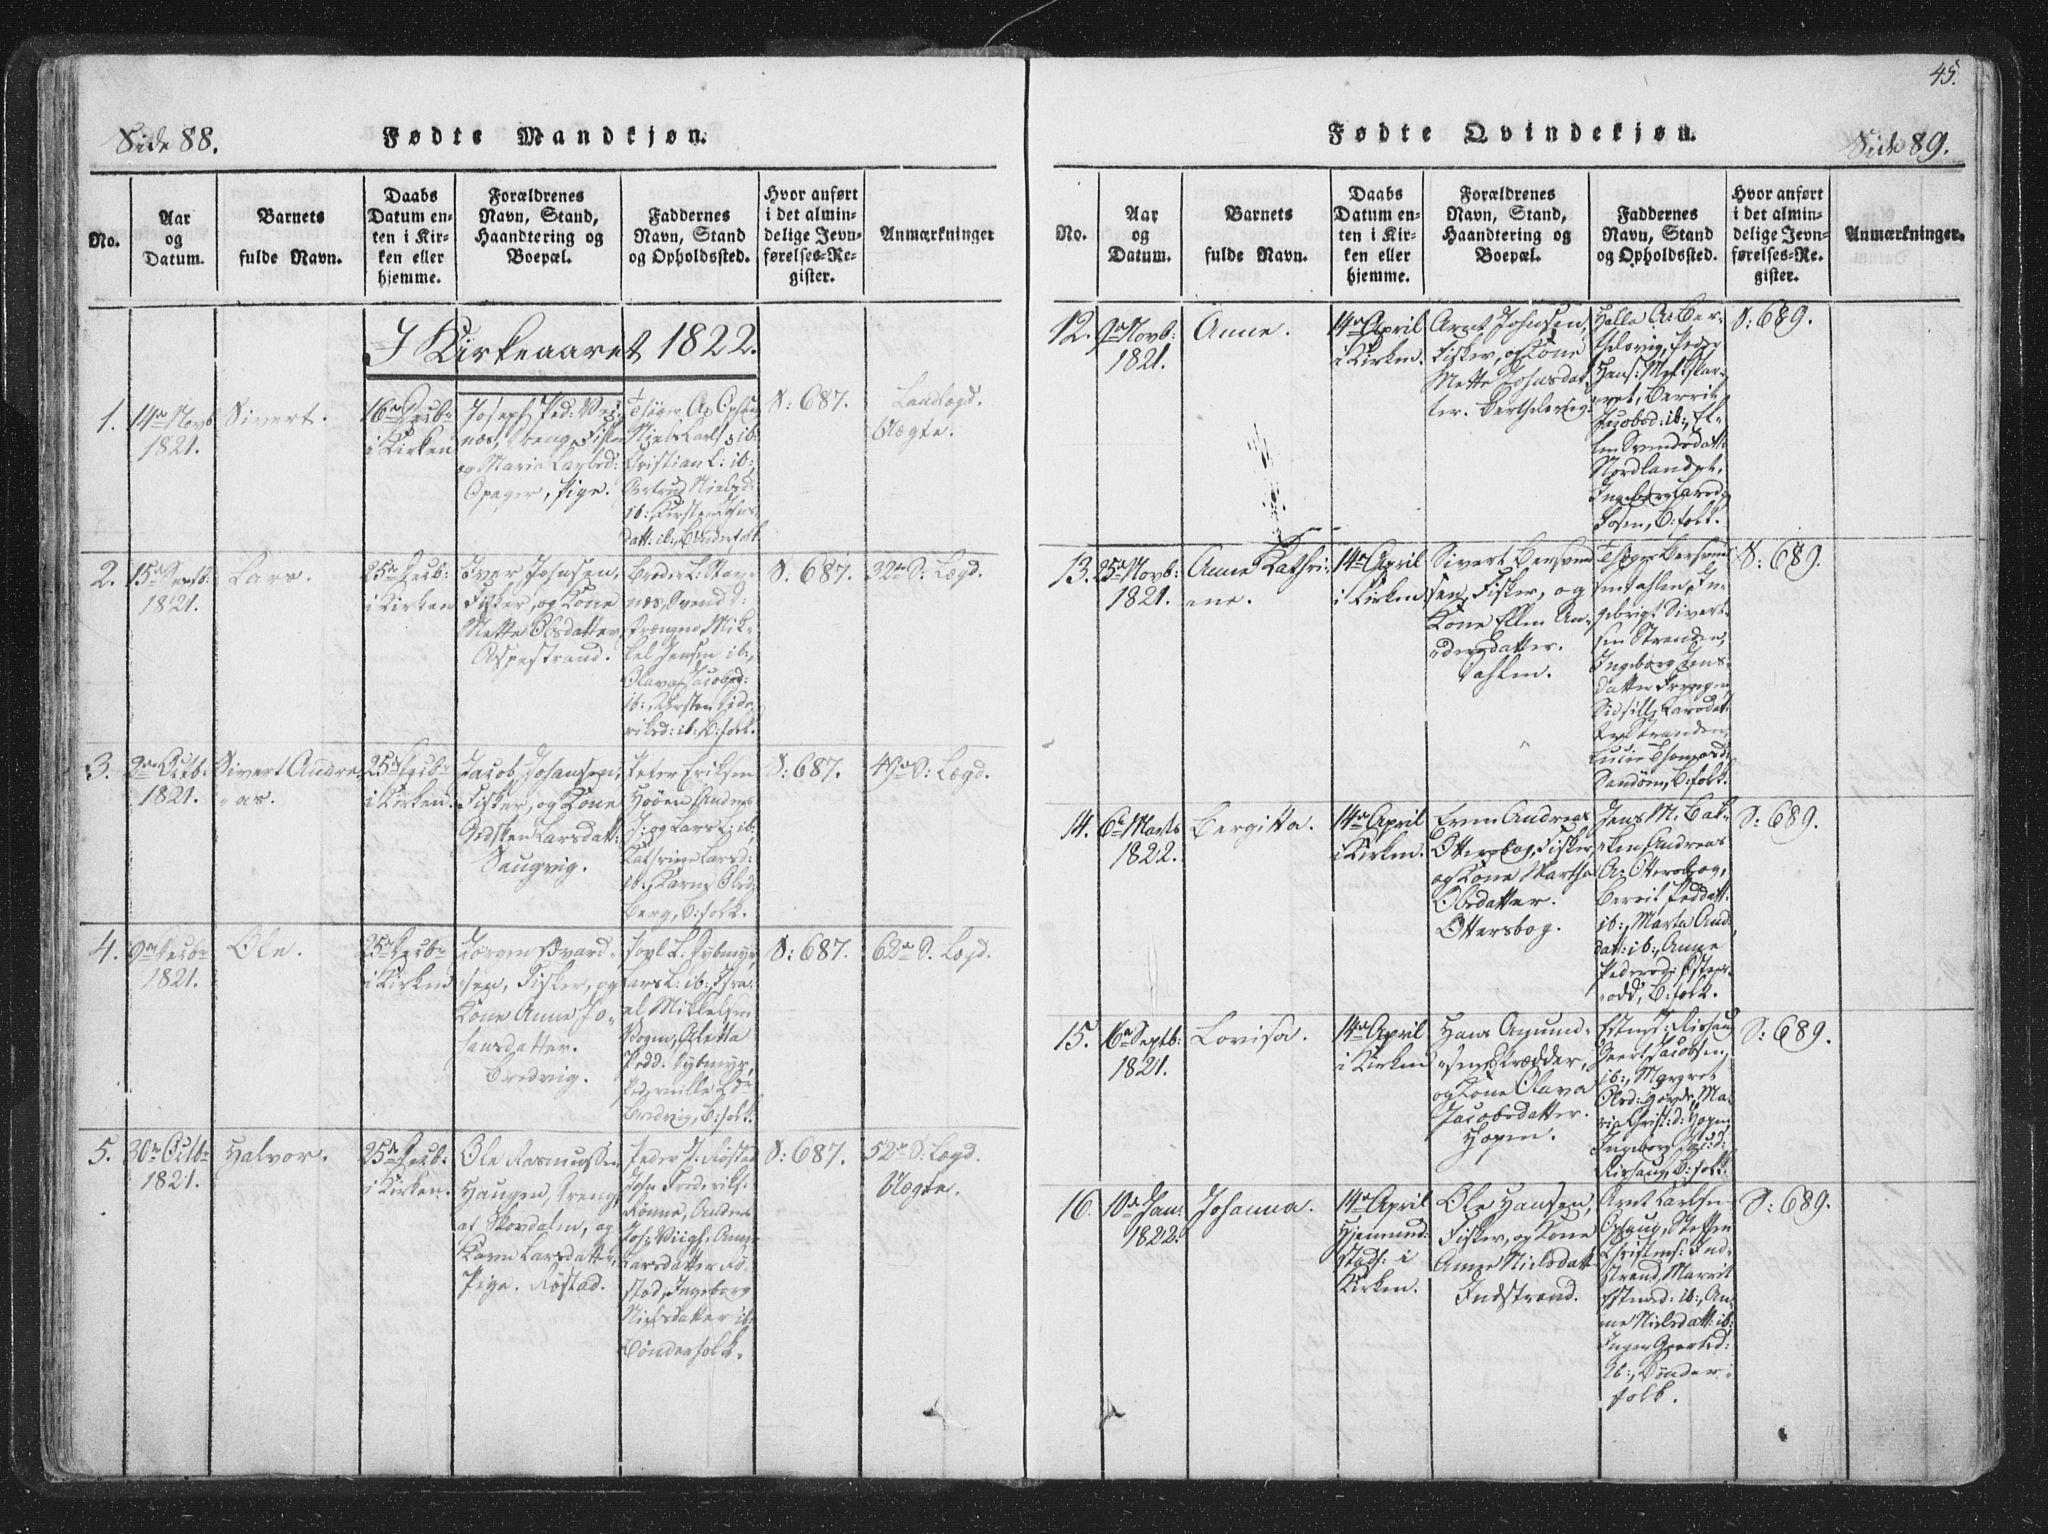 SAT, Ministerialprotokoller, klokkerbøker og fødselsregistre - Sør-Trøndelag, 659/L0734: Ministerialbok nr. 659A04, 1818-1825, s. 88-89